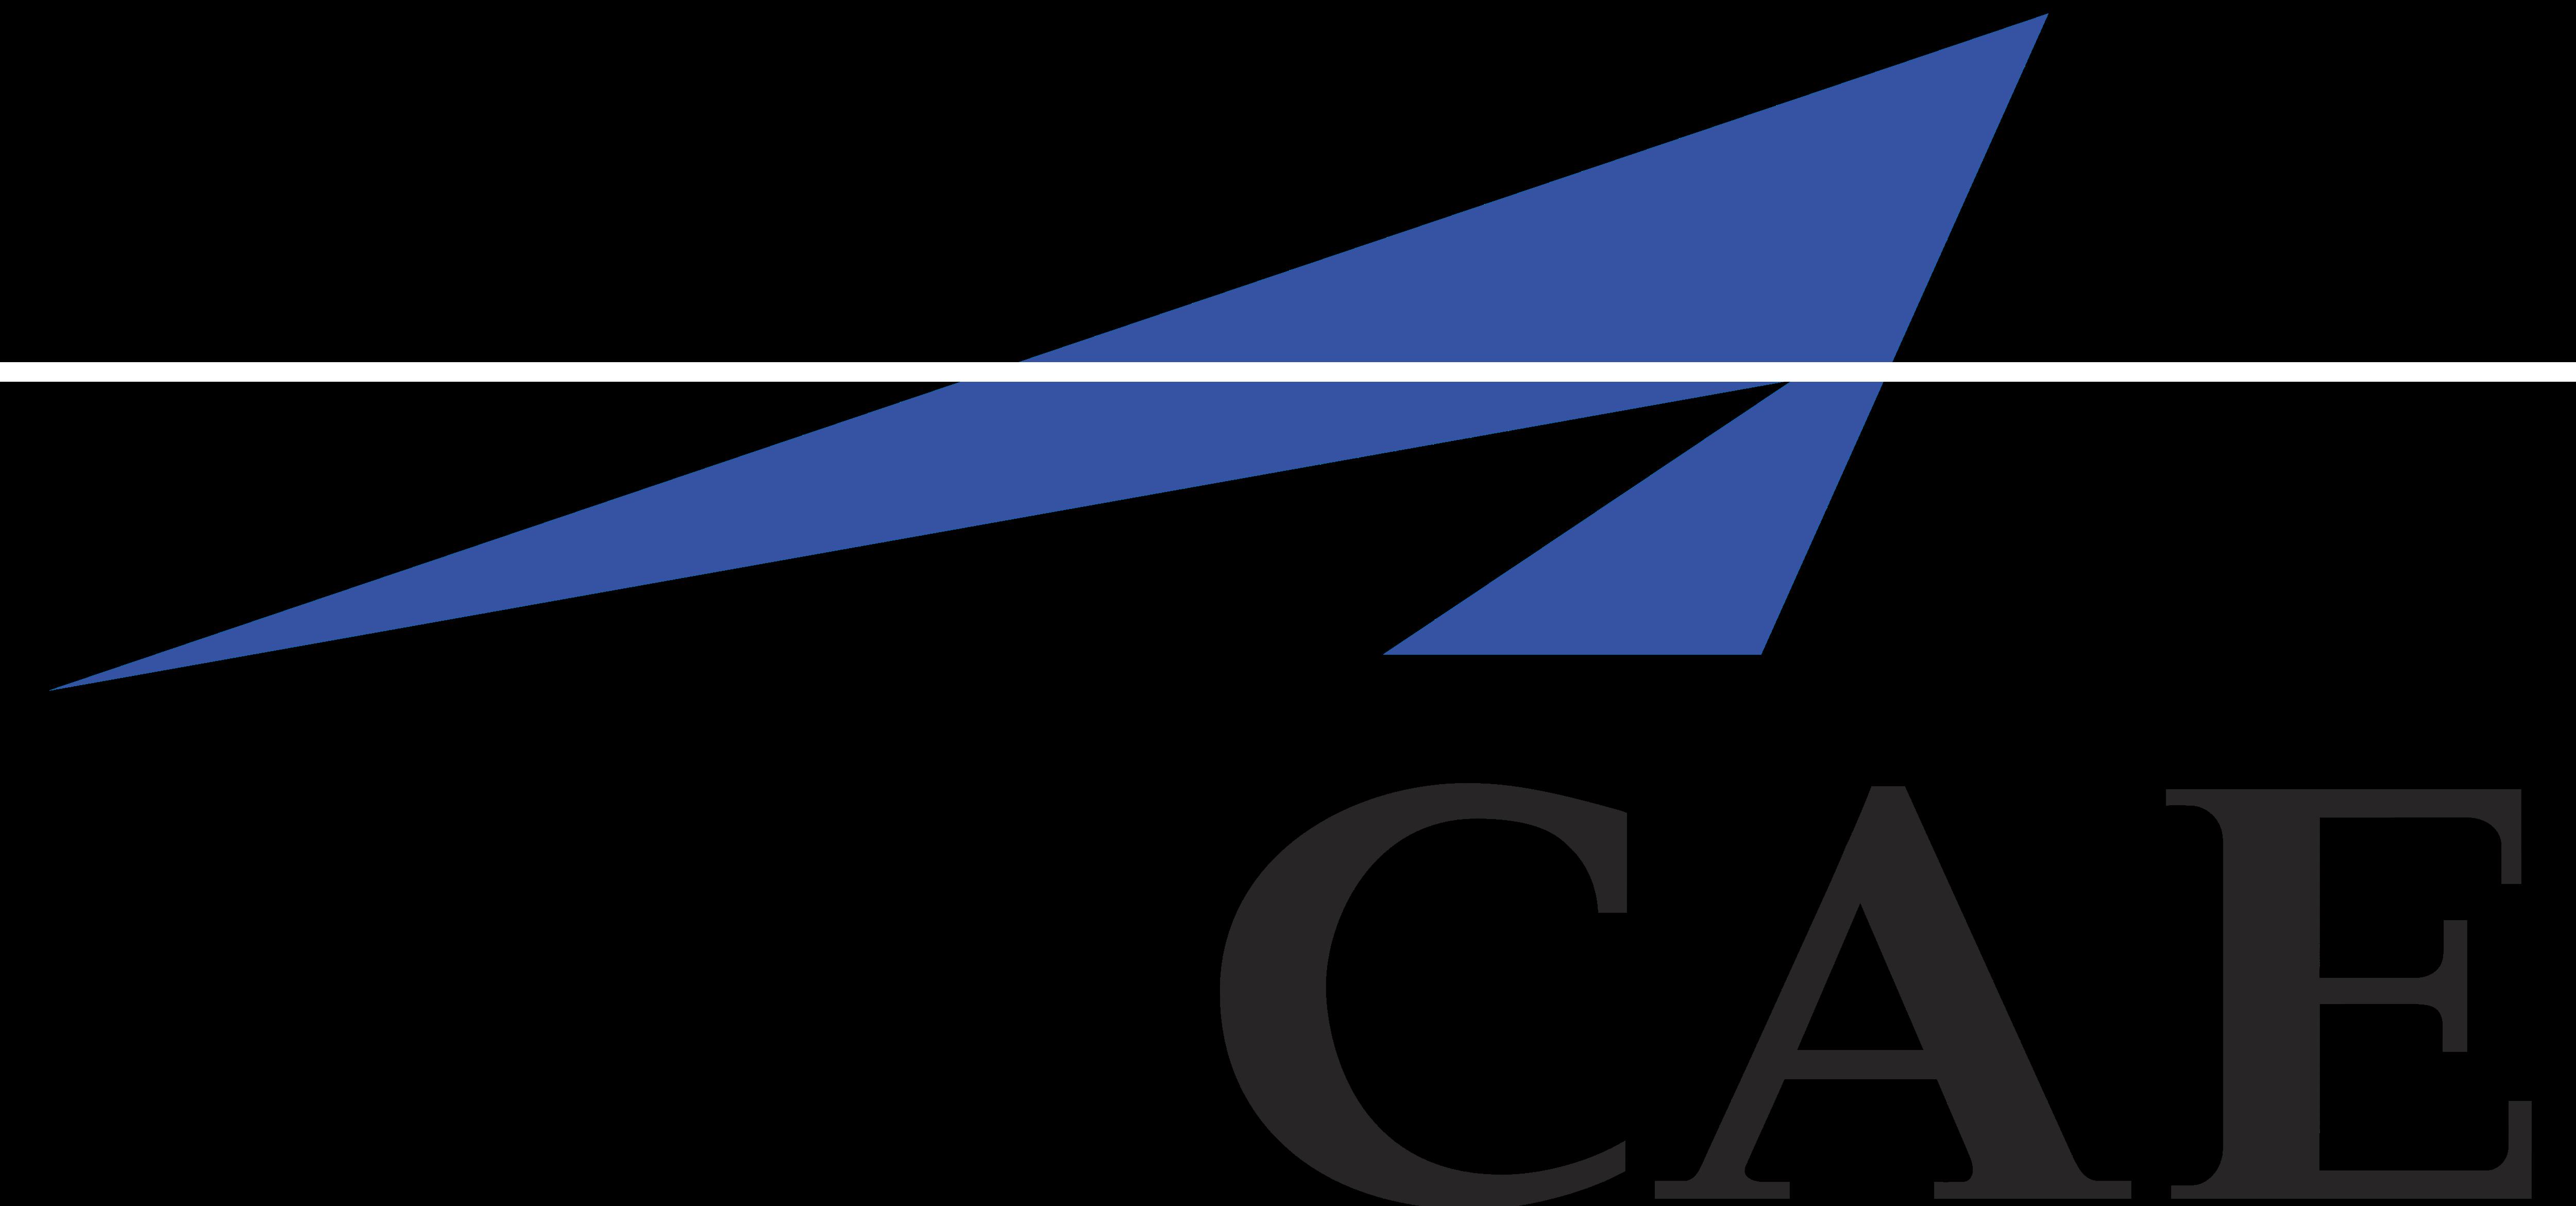 Cae Inc Logos Download